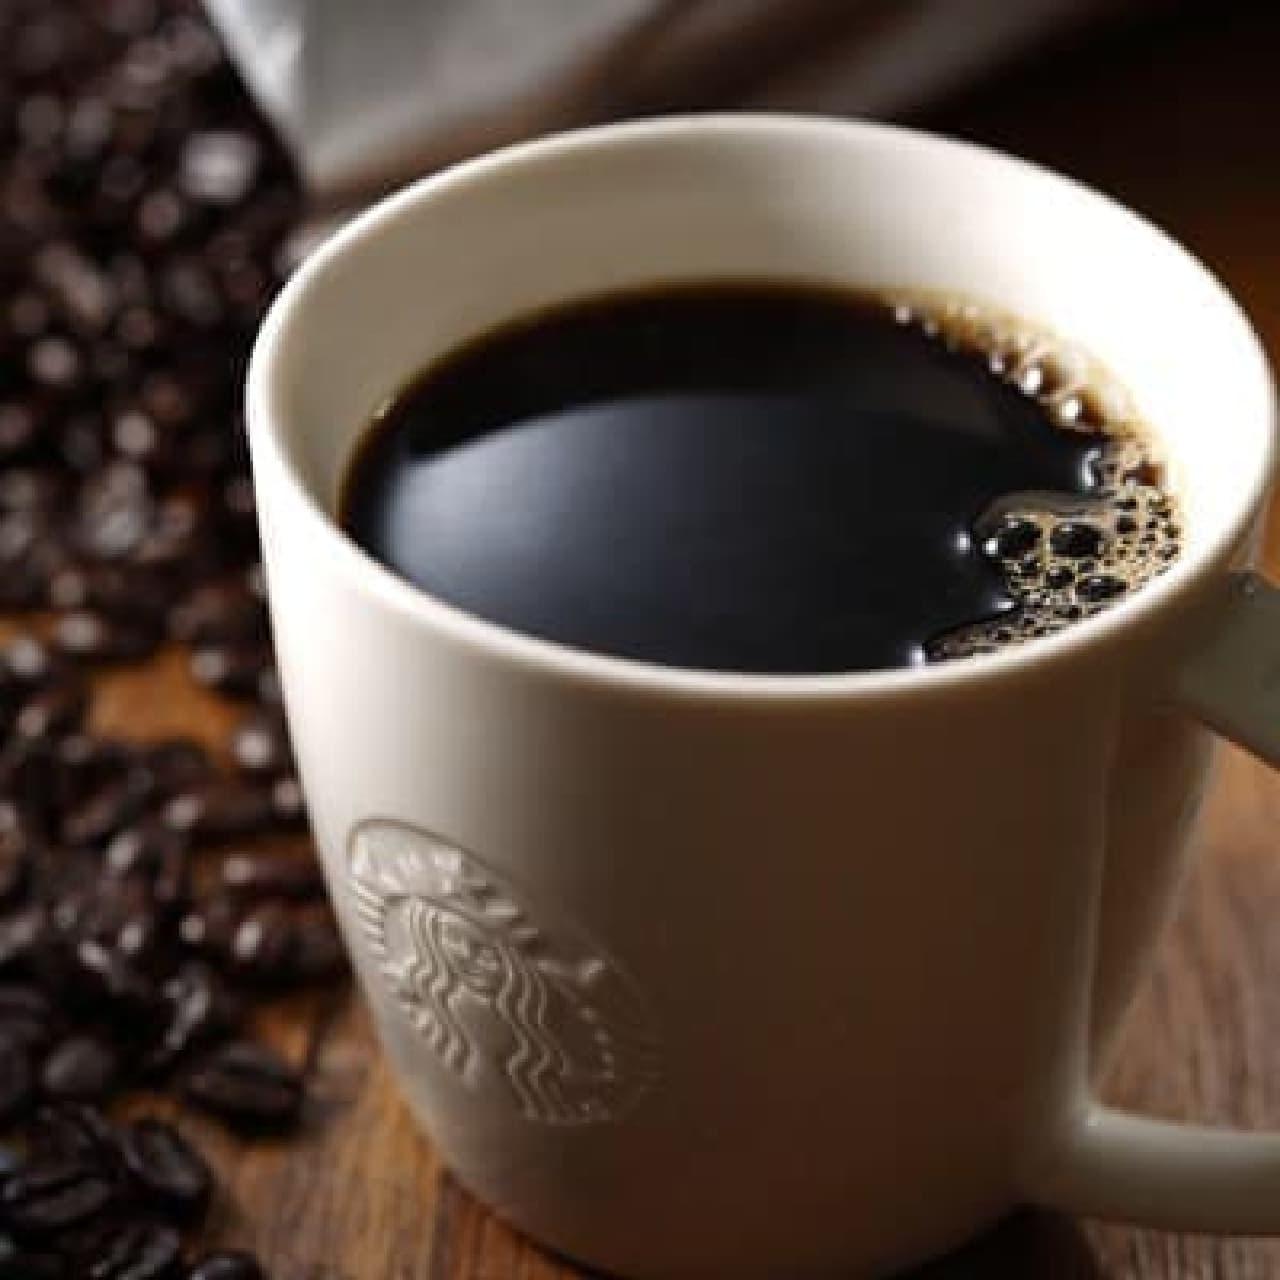 スターバックス「TOKYO ロースト」のドリップ コーヒー